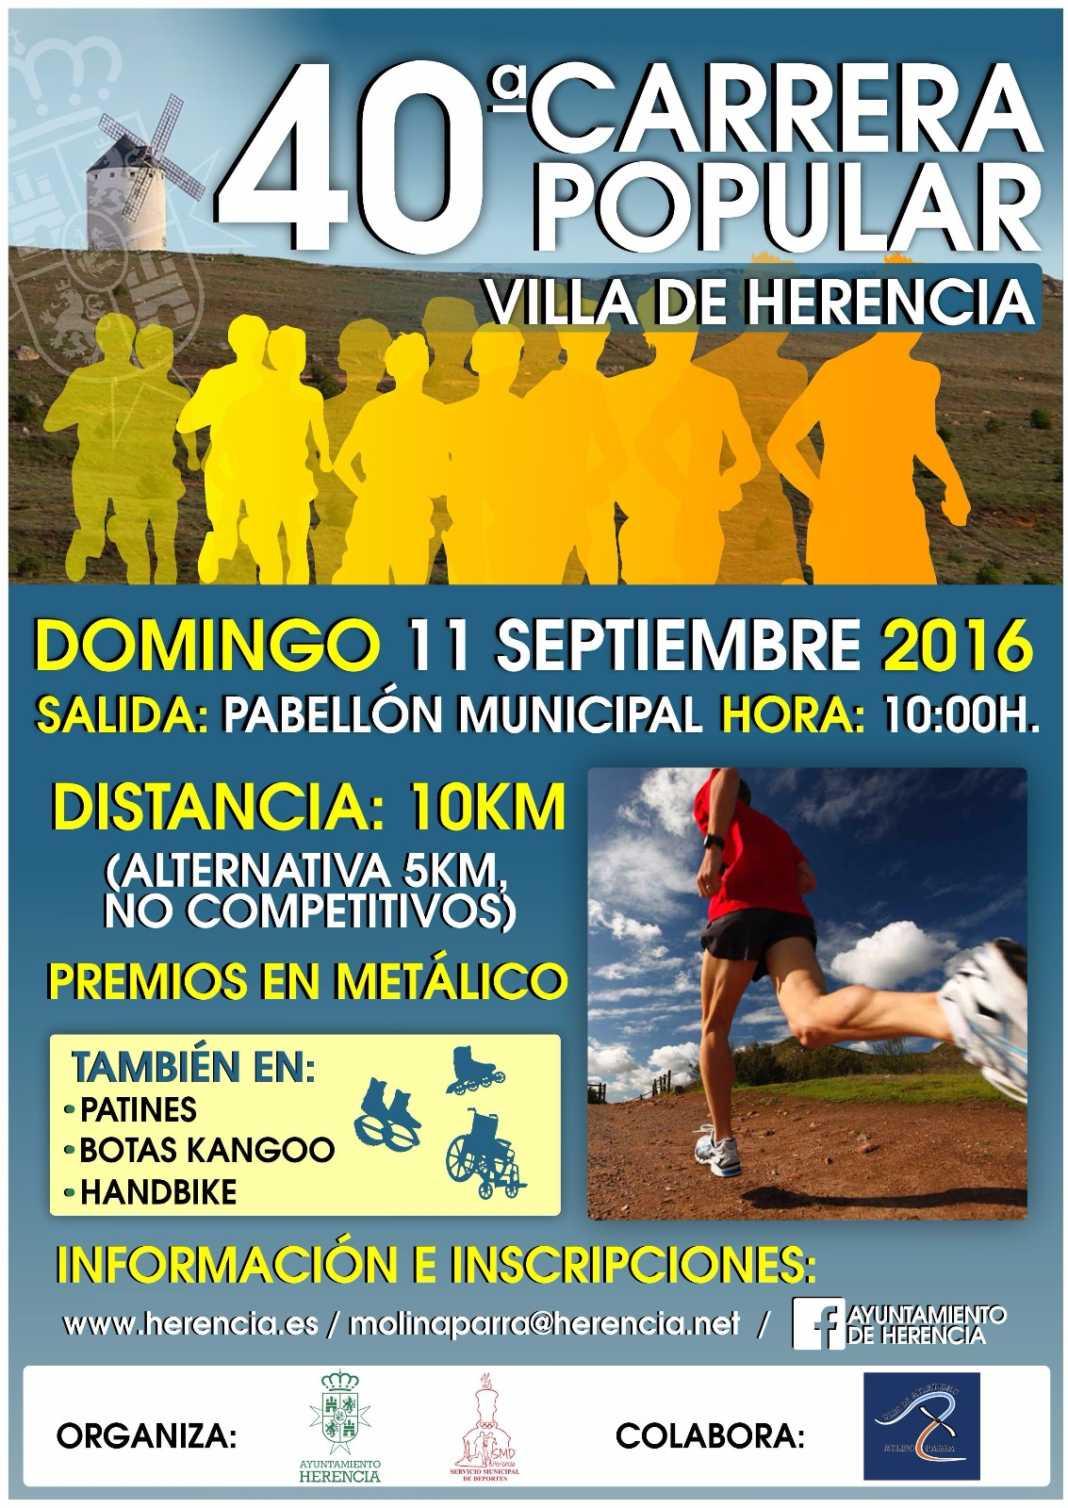 """40 carrera popular villa de herencia ciudad real 2016 1068x1508 - Todo preparado para la 40 Carrera Popular """"Villa de Herencia"""""""